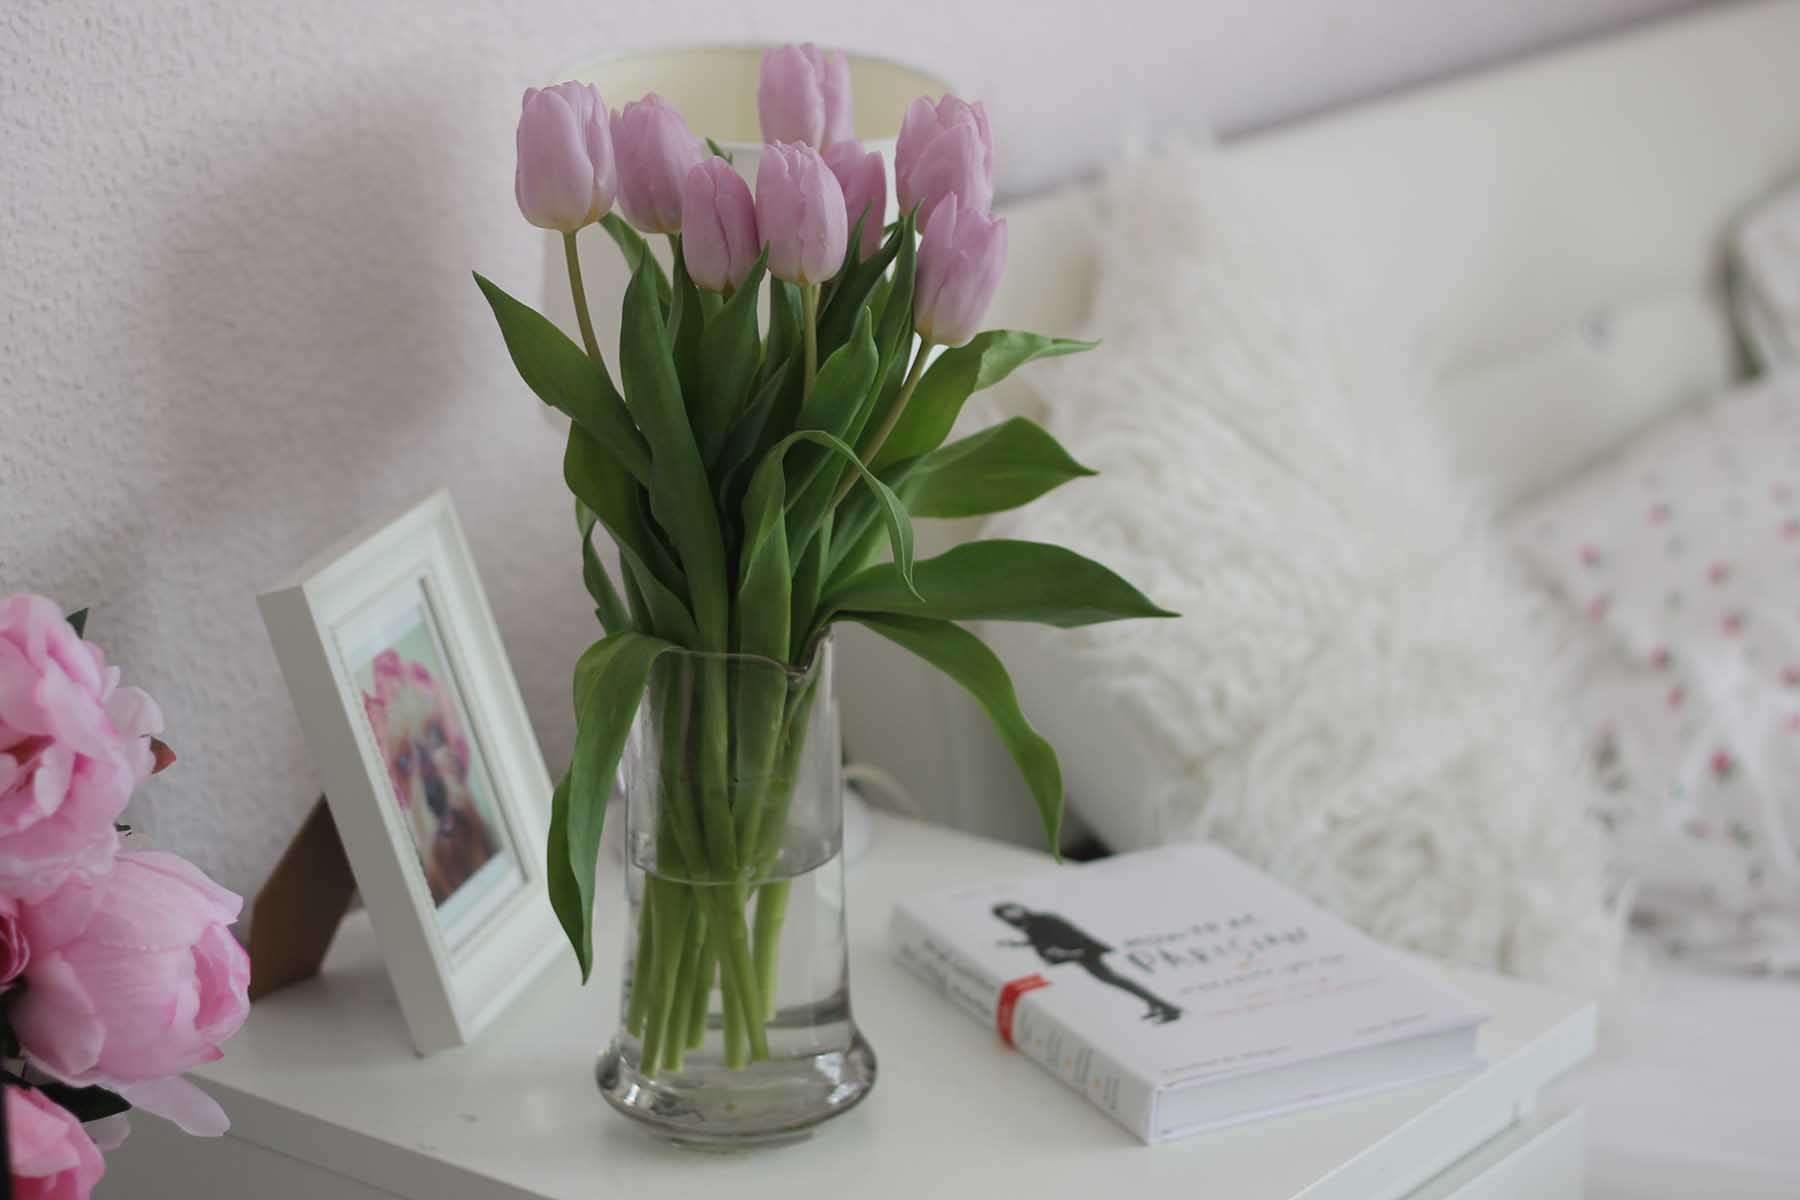 blumen-tulpen-interior-wohnung-einrichten-rosa-weiß-fashionblog